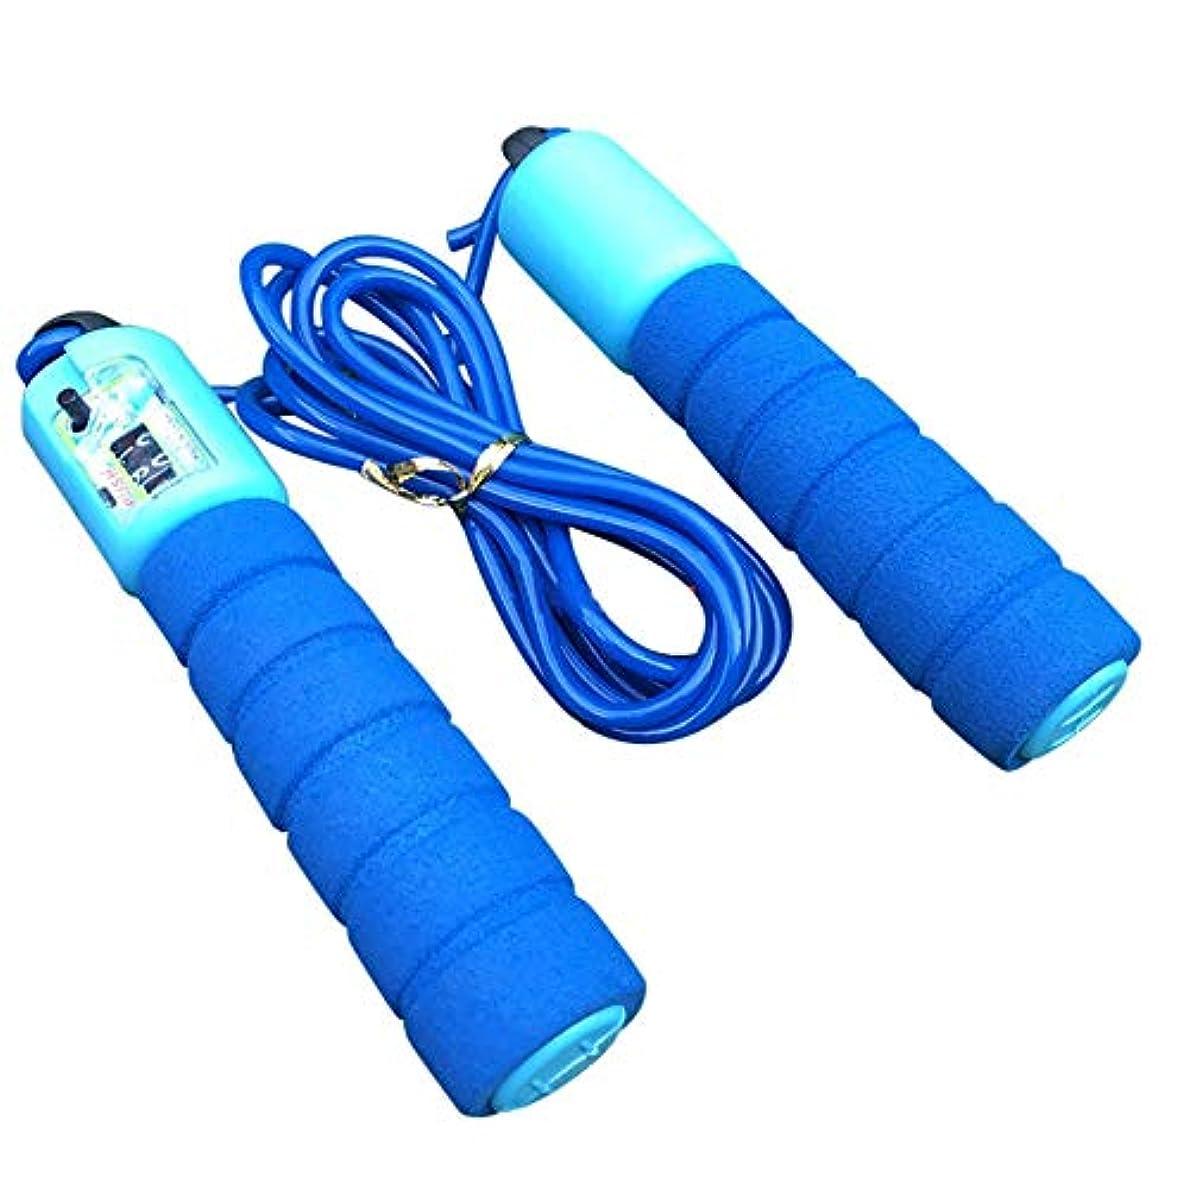 炭素トロリーバスロイヤリティ調整可能なプロフェッショナルカウント縄跳び自動カウントジャンプロープフィットネス運動高速カウントジャンプロープ - 青